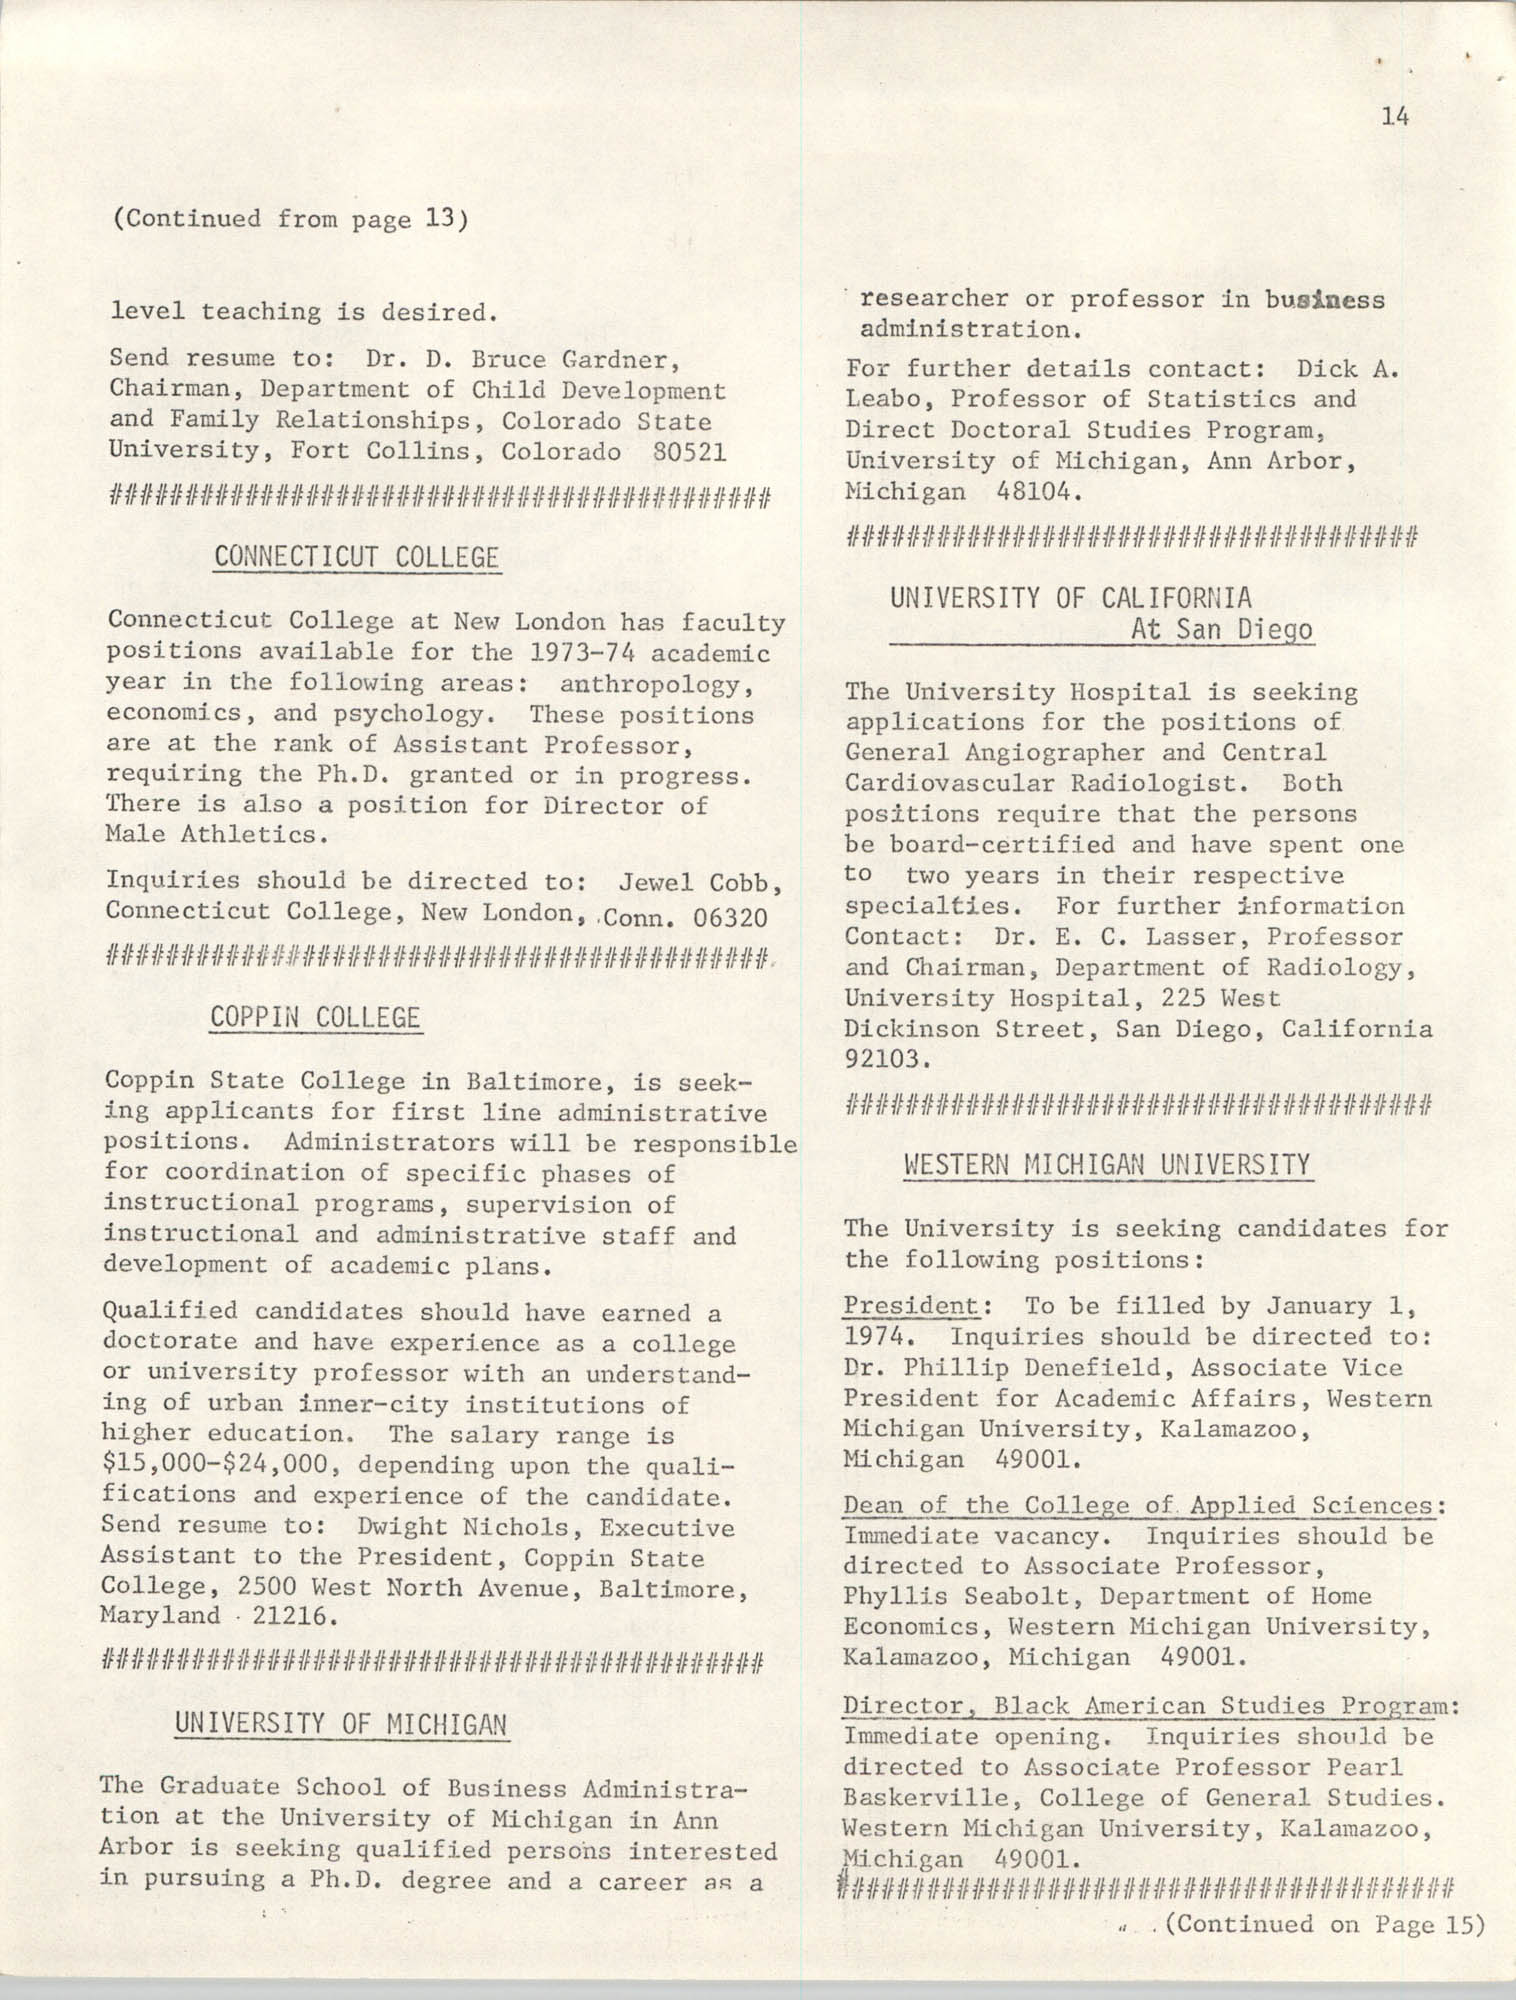 SHARE, Volume I, Number 8, April 1973, Page 14